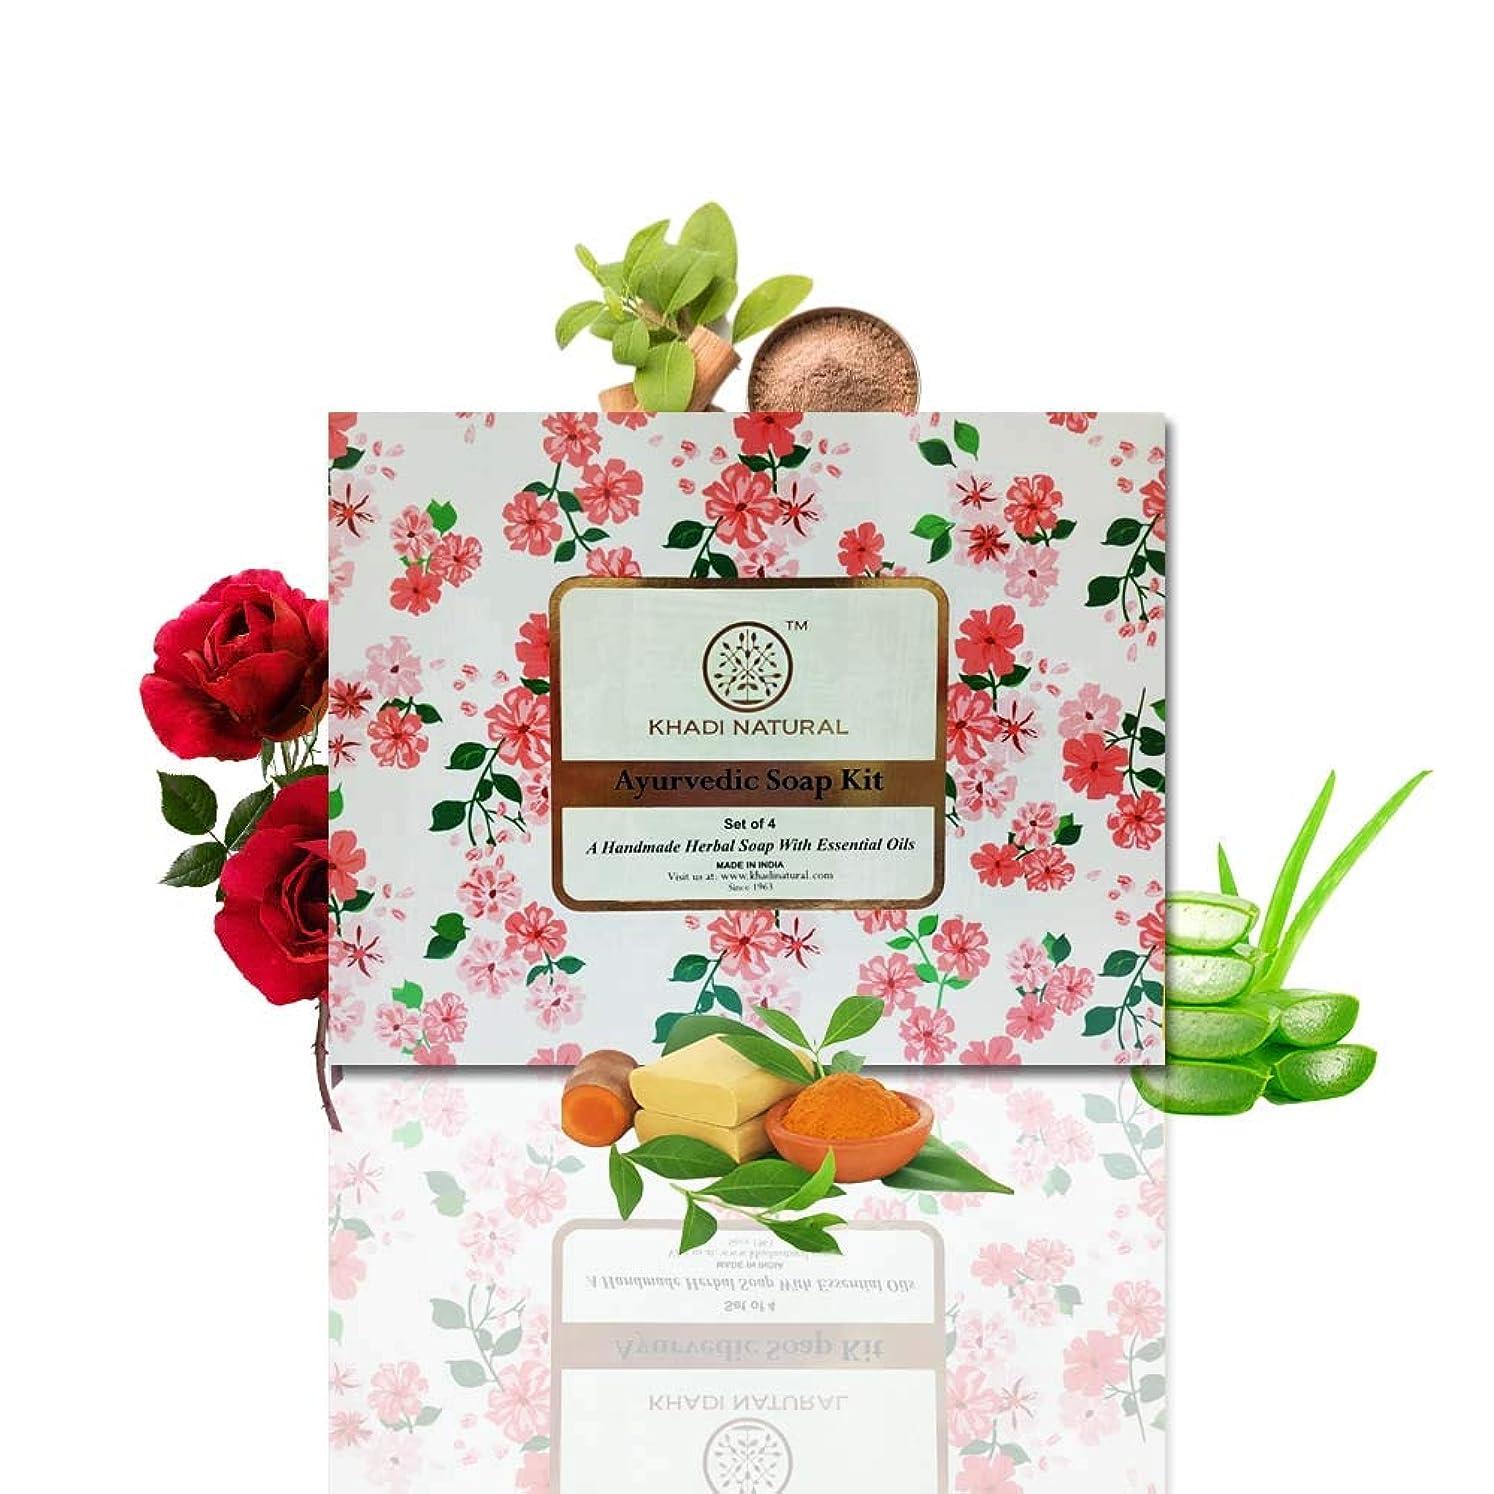 利点パウダー想像力Khadi Natural Ayurvedic Soap Kit Set of 4 (A Handmade Soap With Essential Oils)